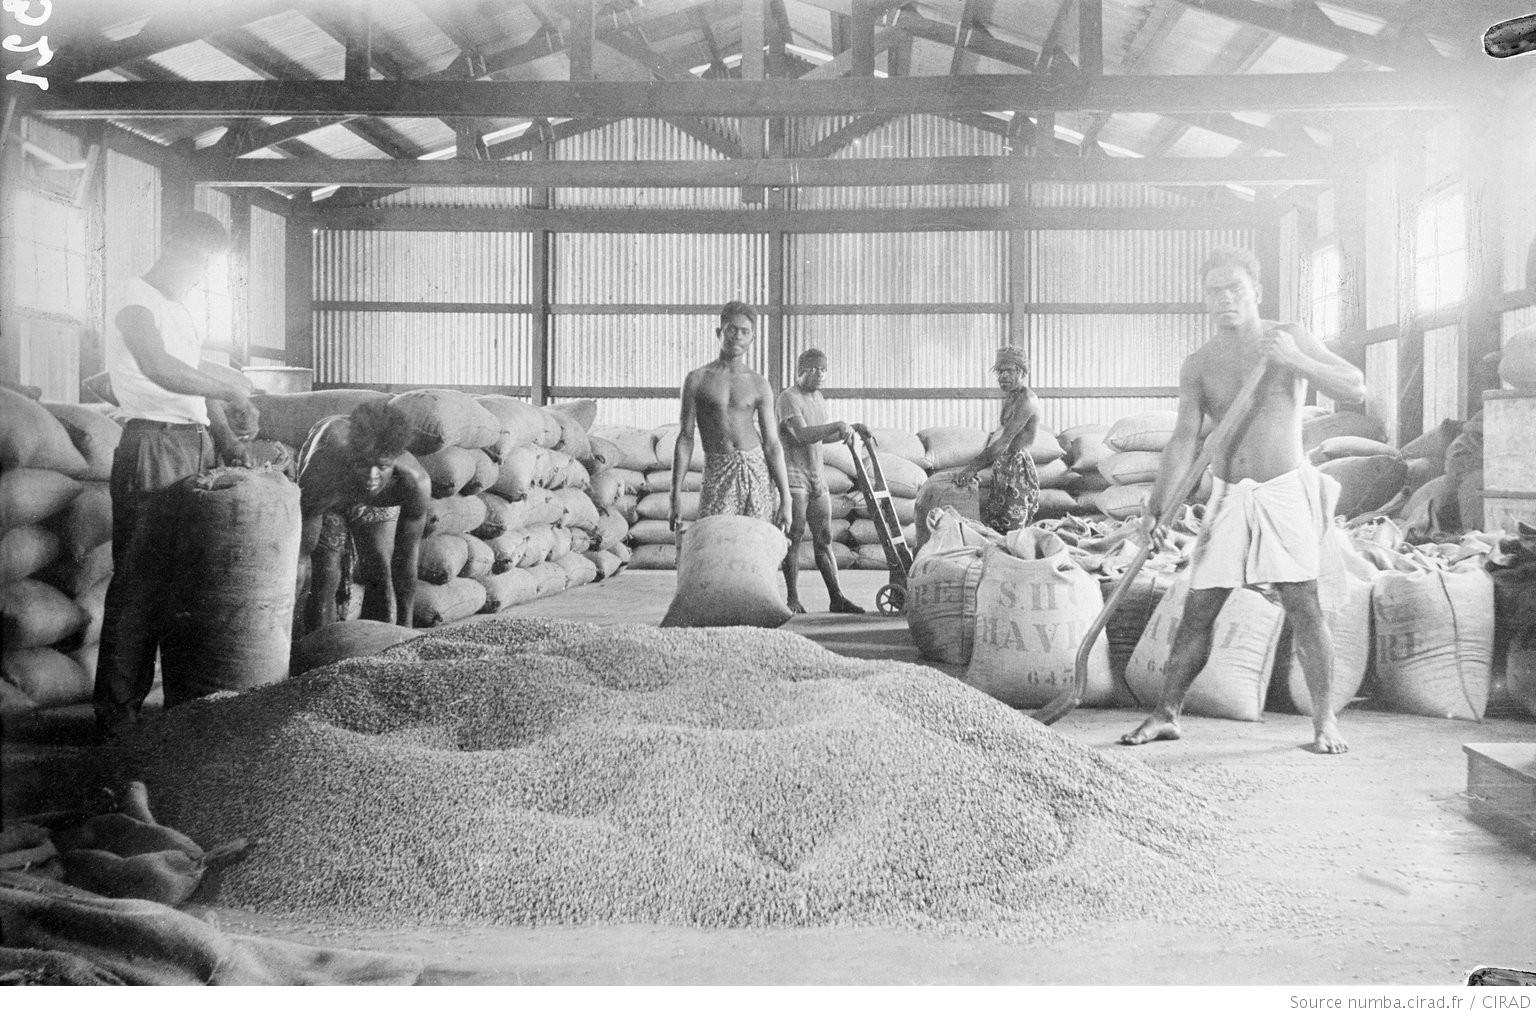 ニューカレドニアのコーヒーの歴史(6):ポール・ジョバンとアーヴル・カレドニア組合(SHC)